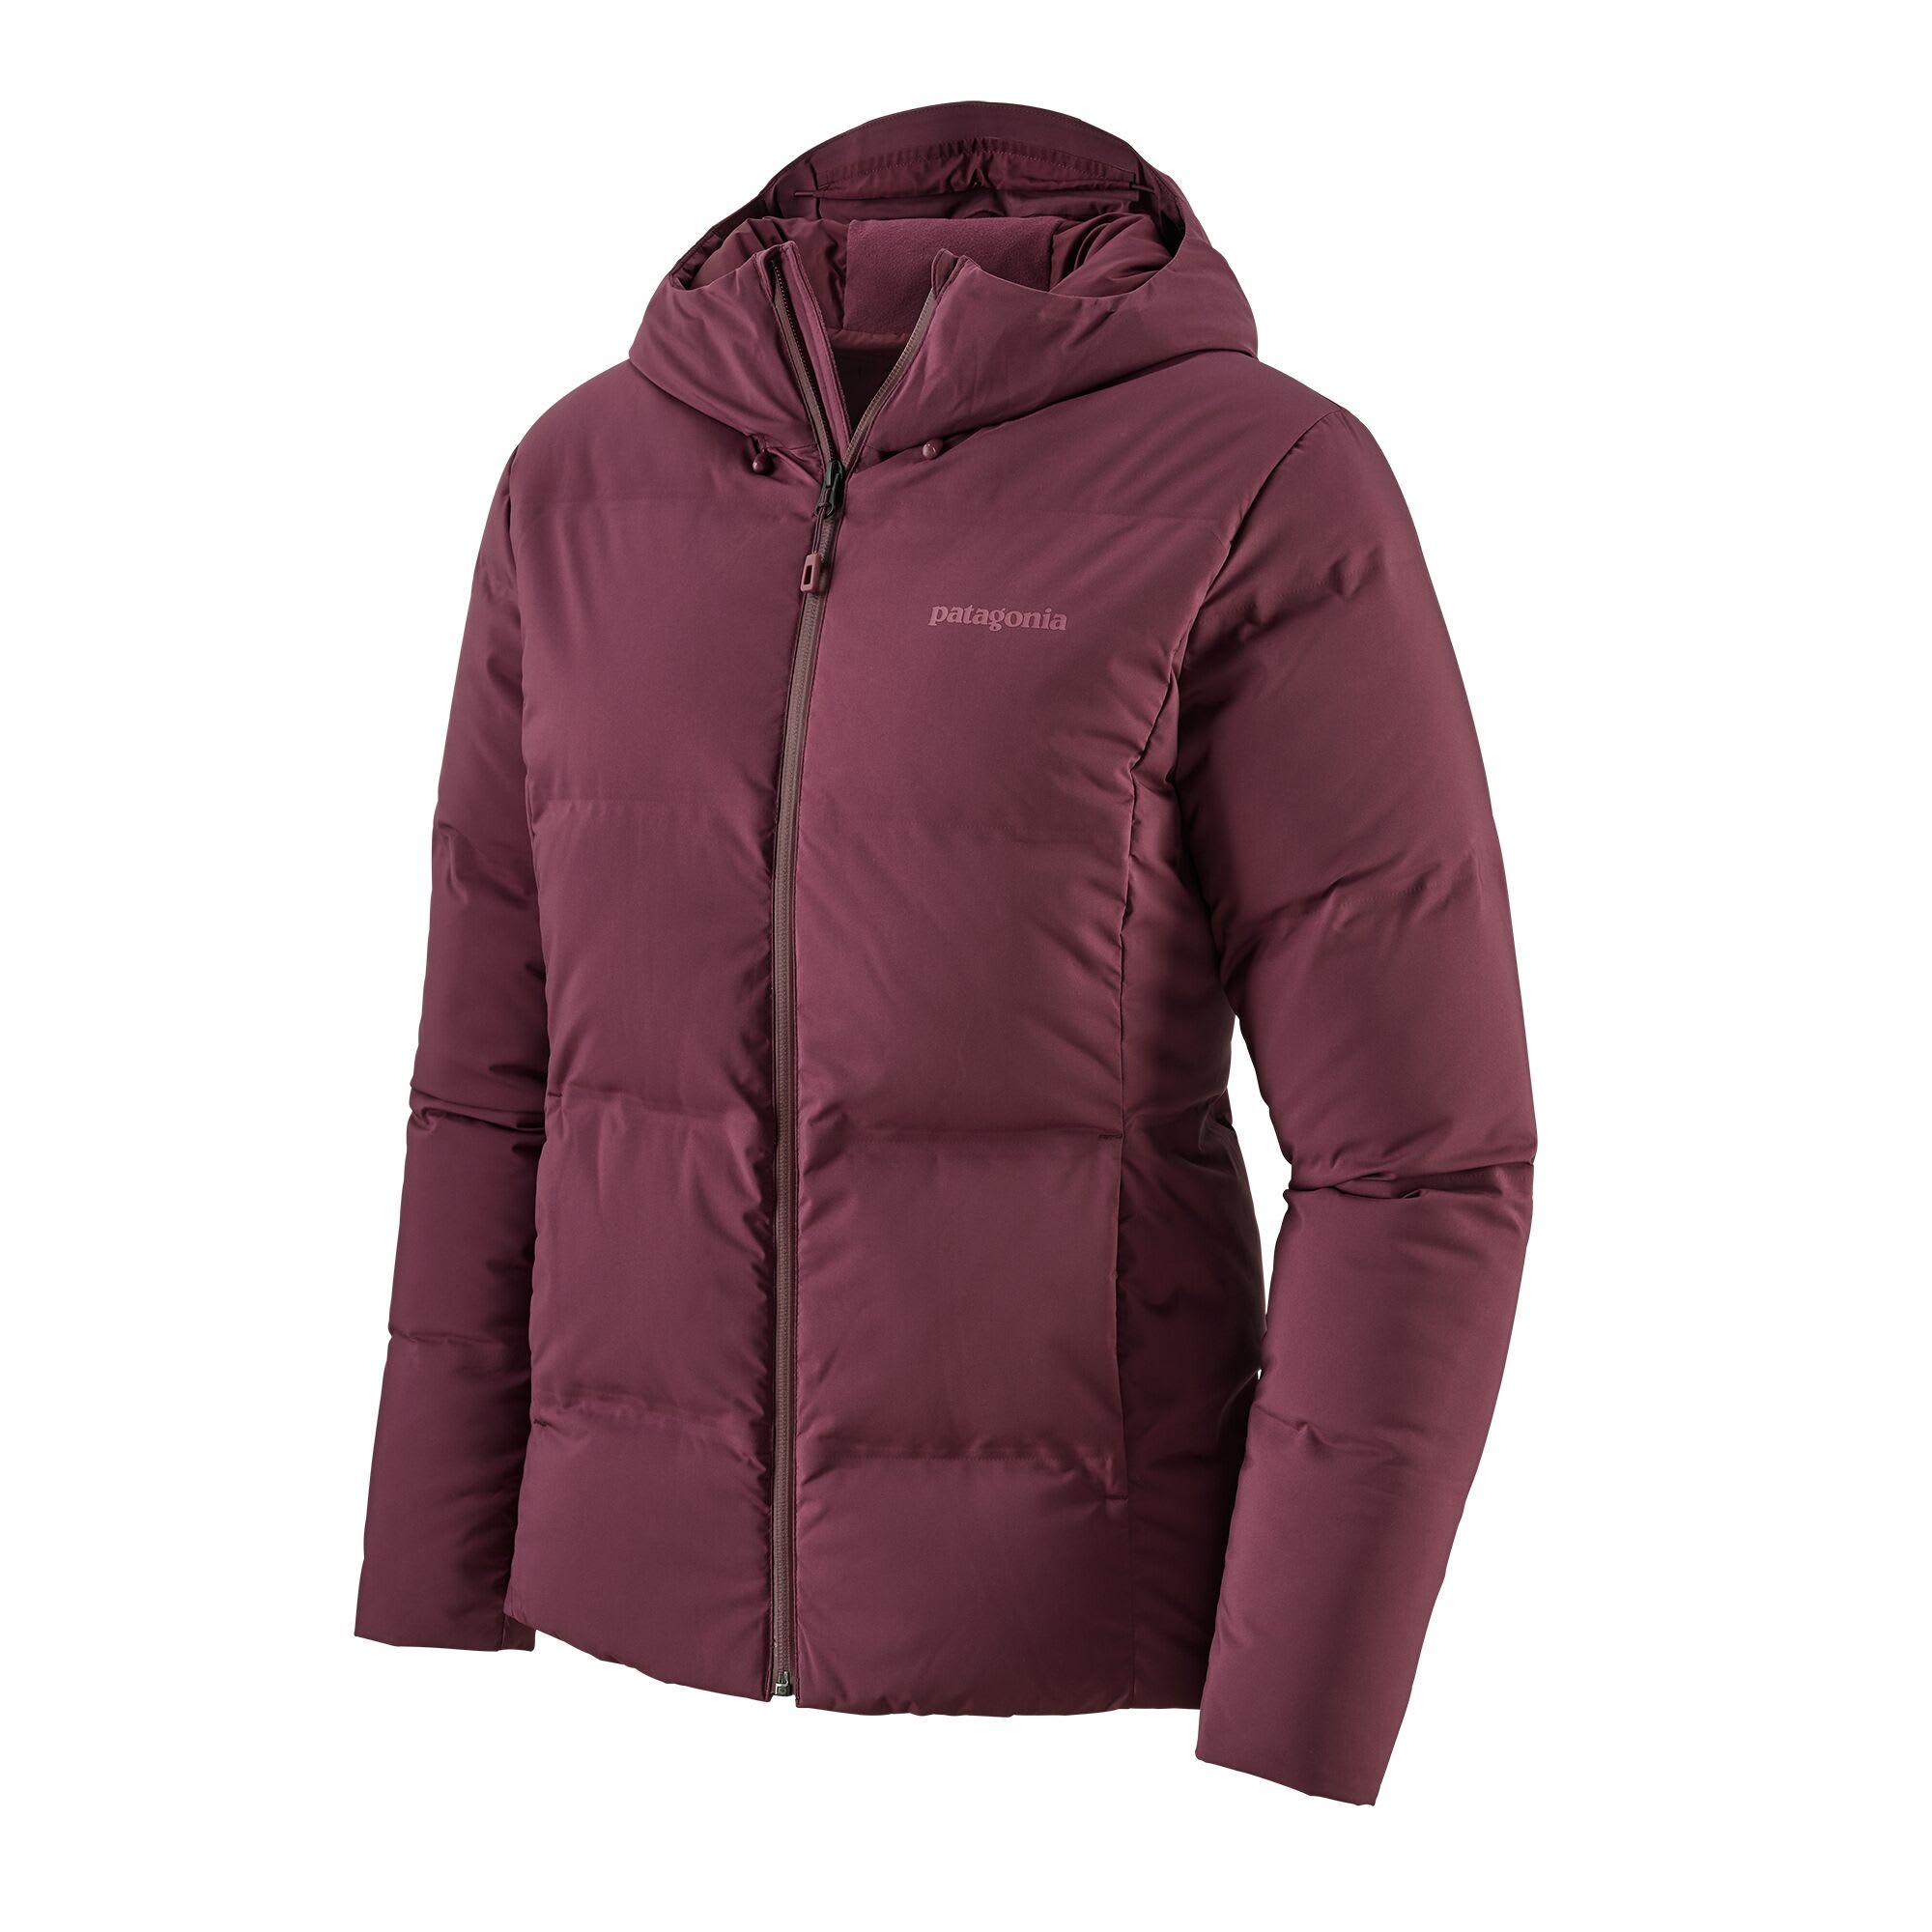 Patagonia Jakker & Vester | Dame | Nye sportsklær på nett